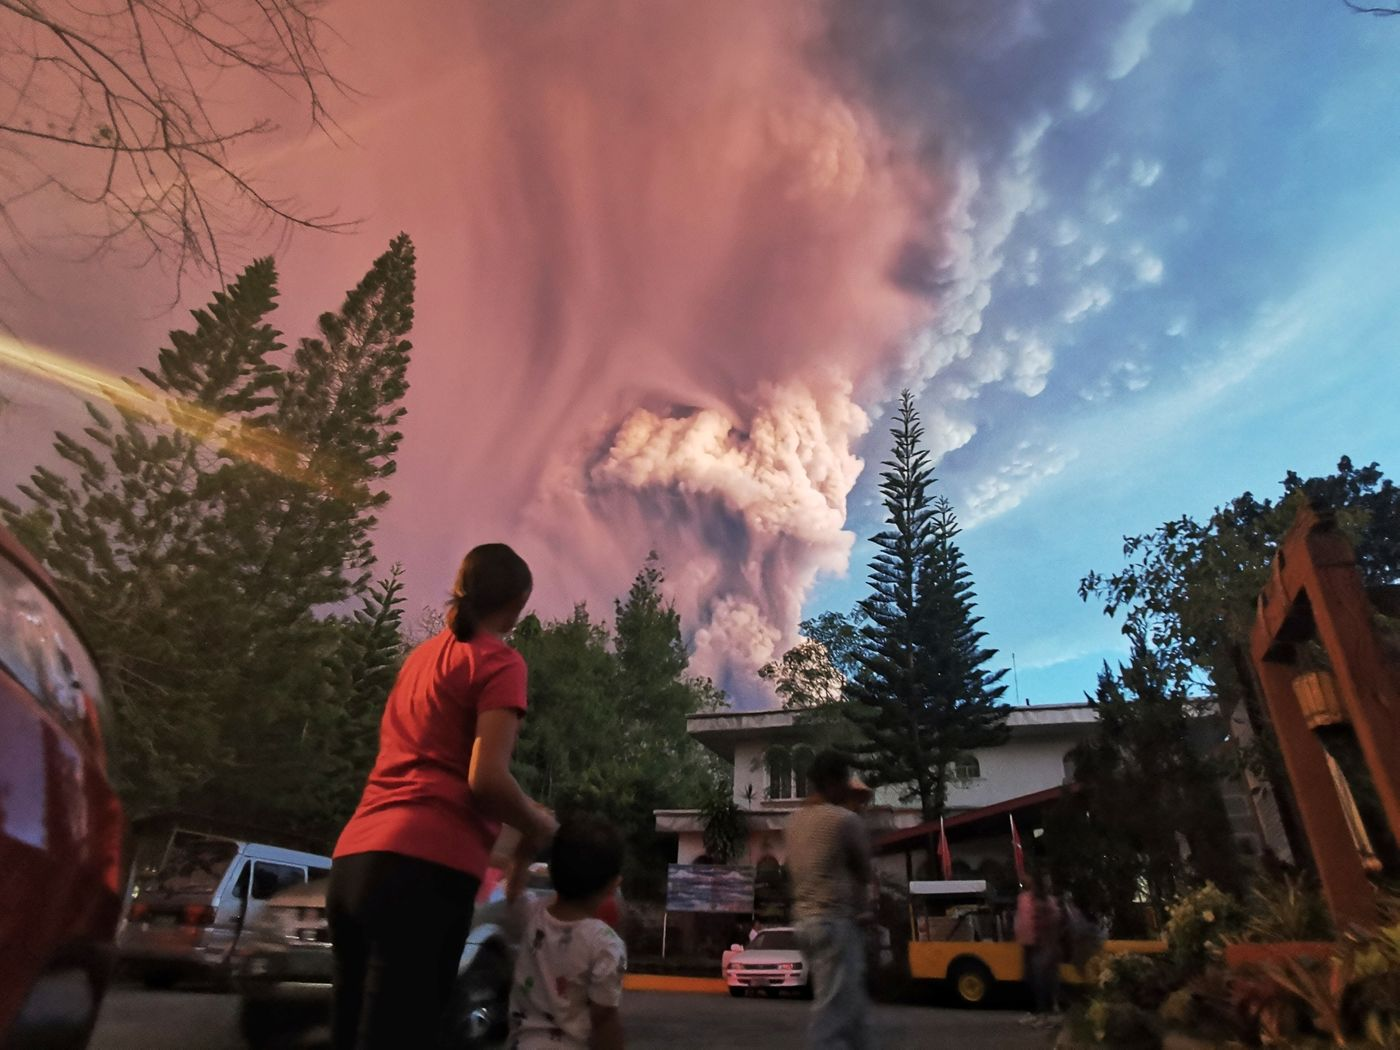 流年不利菲律宾:火山喷发、亚洲最惨股市、货币遭看空